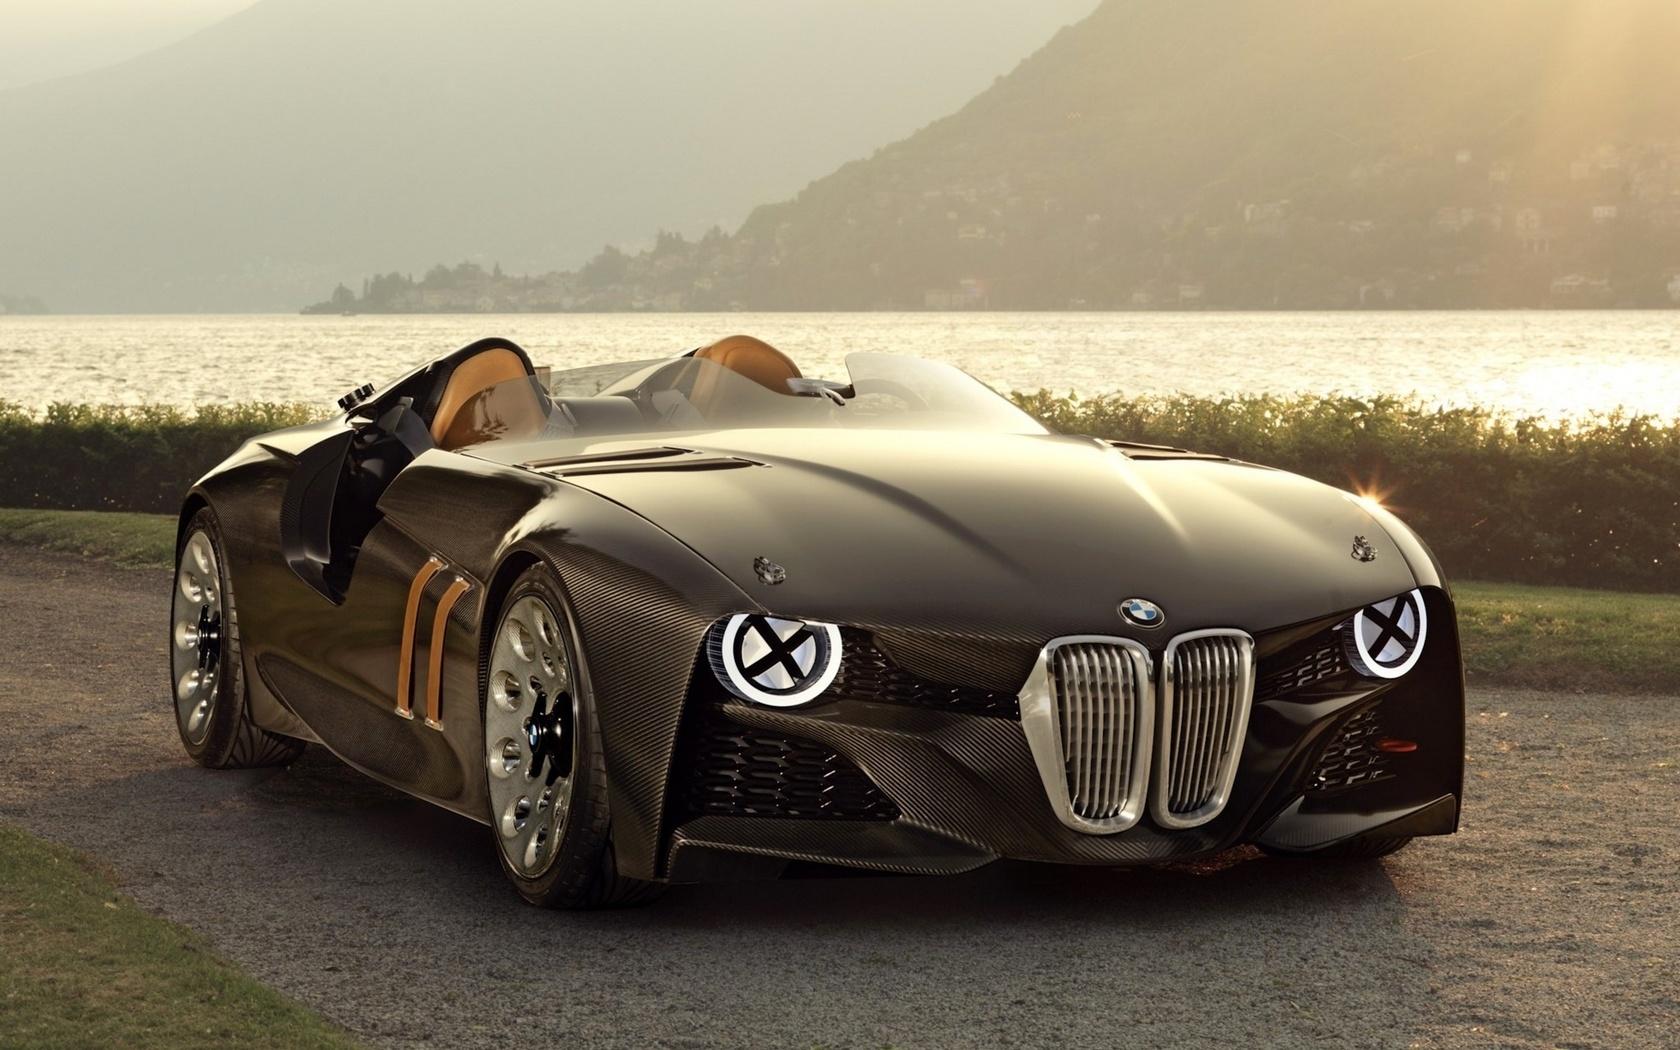 Красивые машины картинки для мужчины